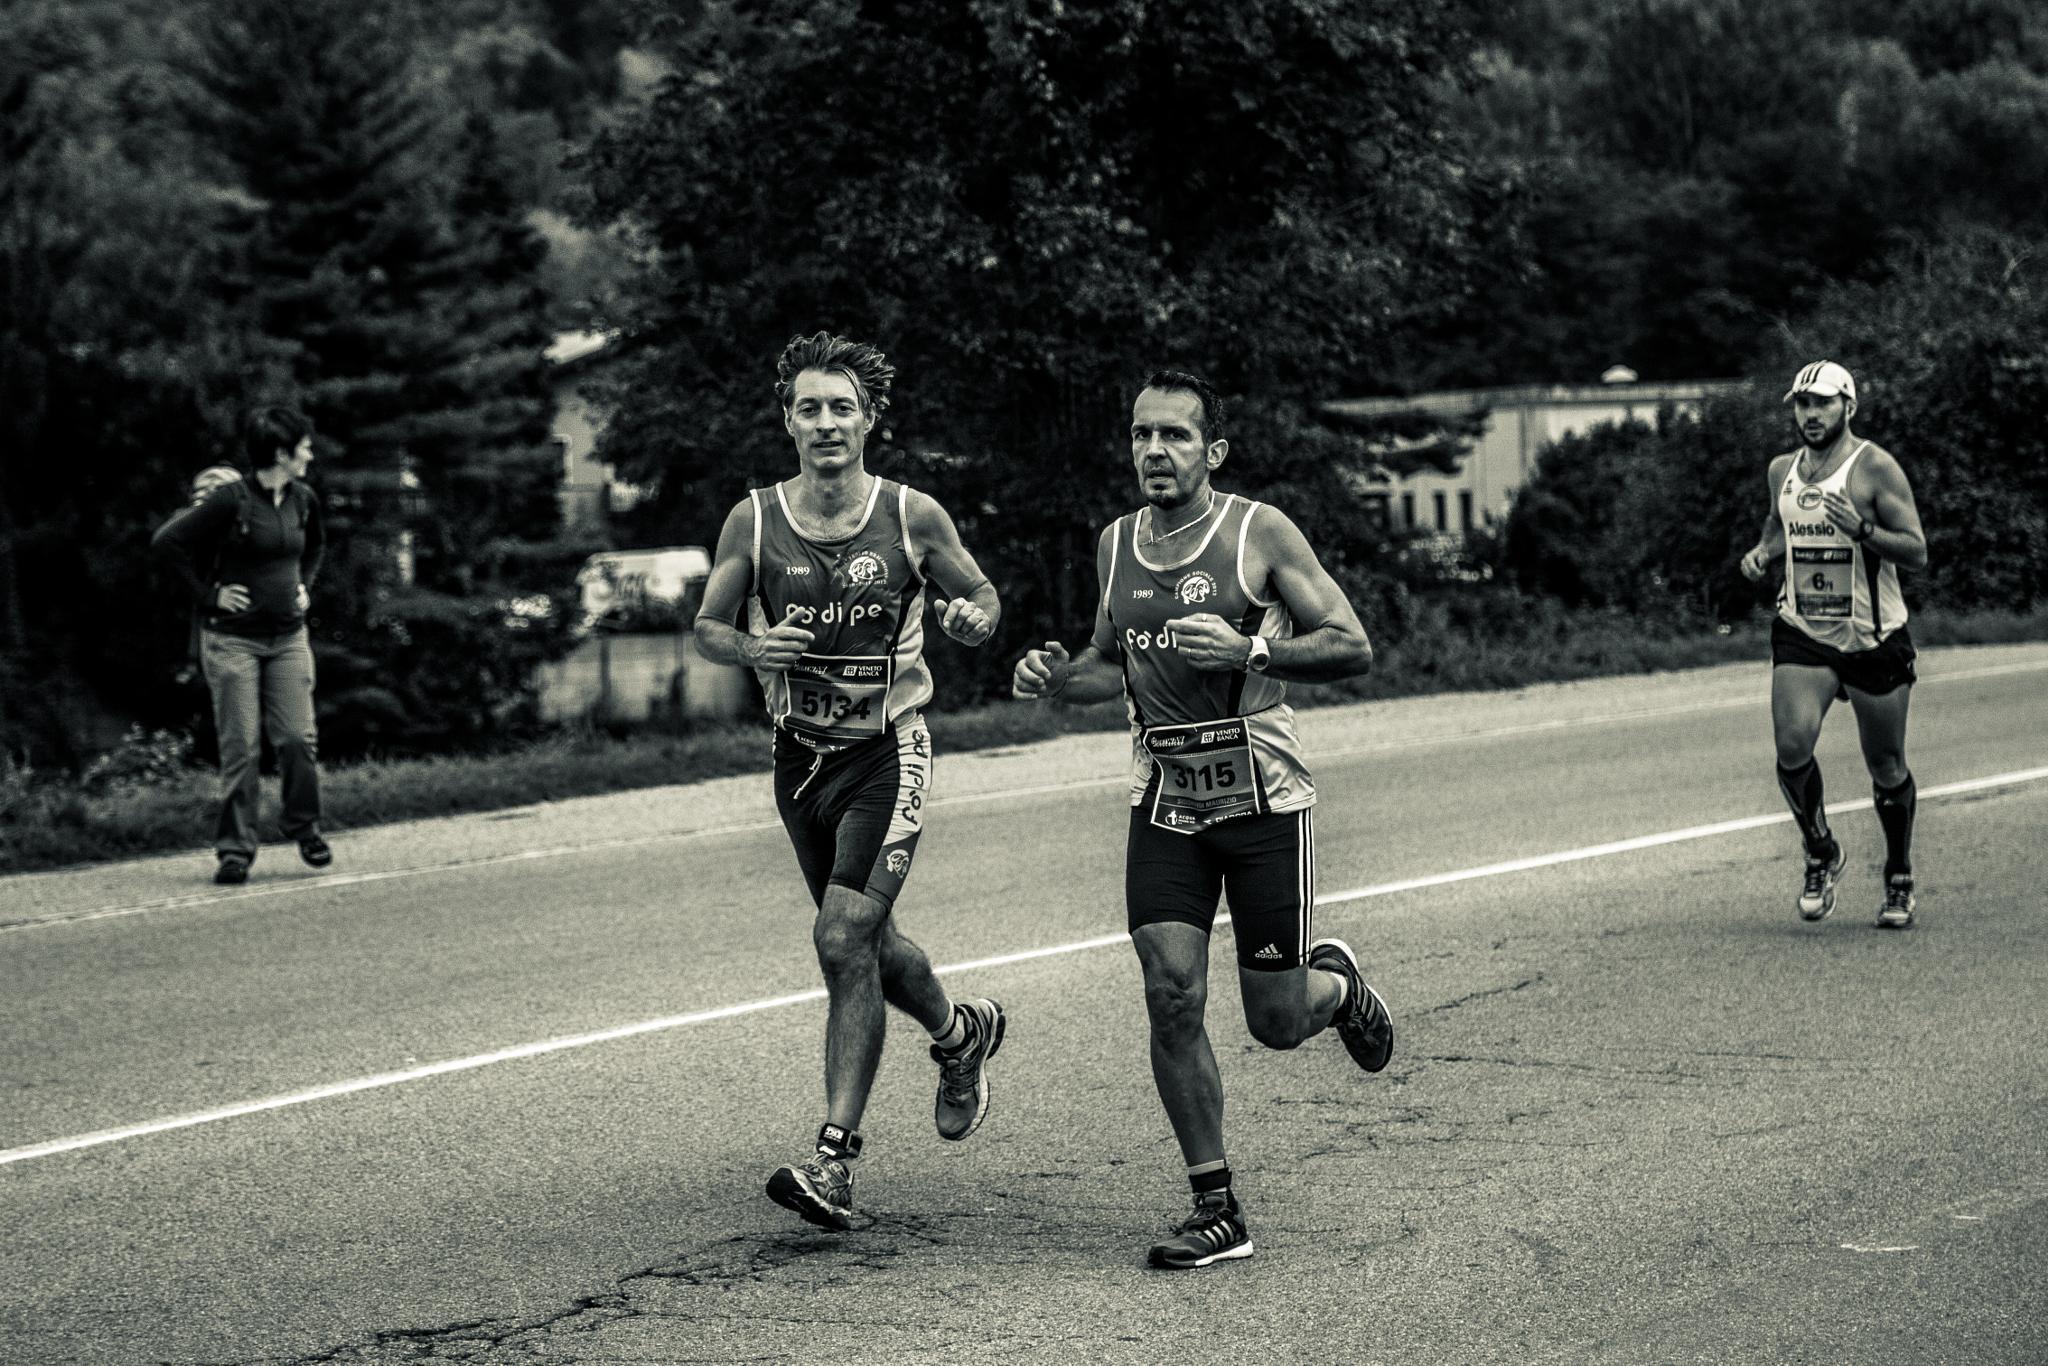 Lago Maggiore Marathon by claudioturrin77